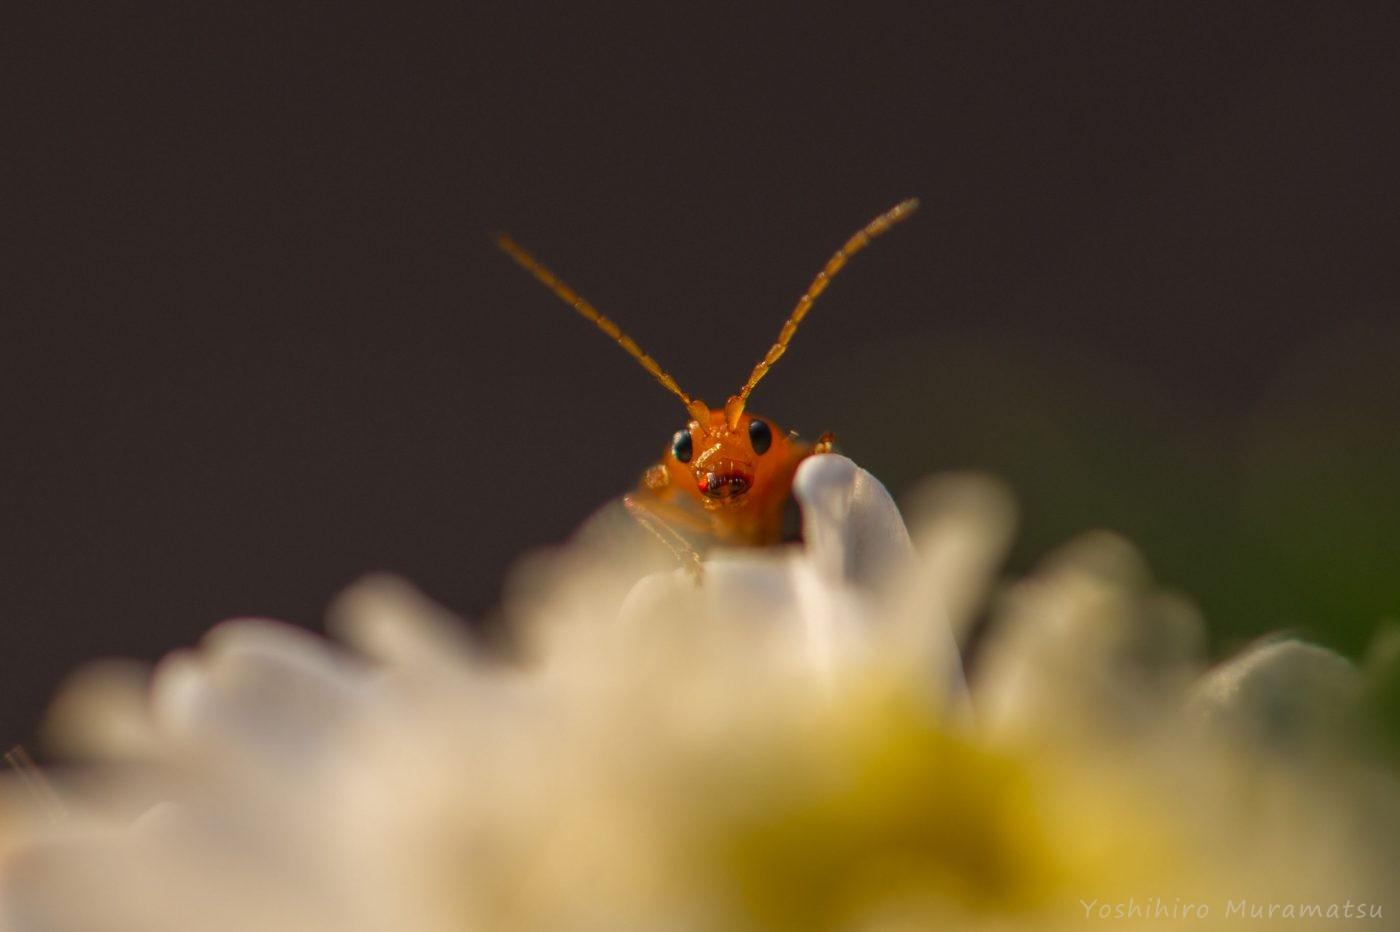 ウリハムシの写真